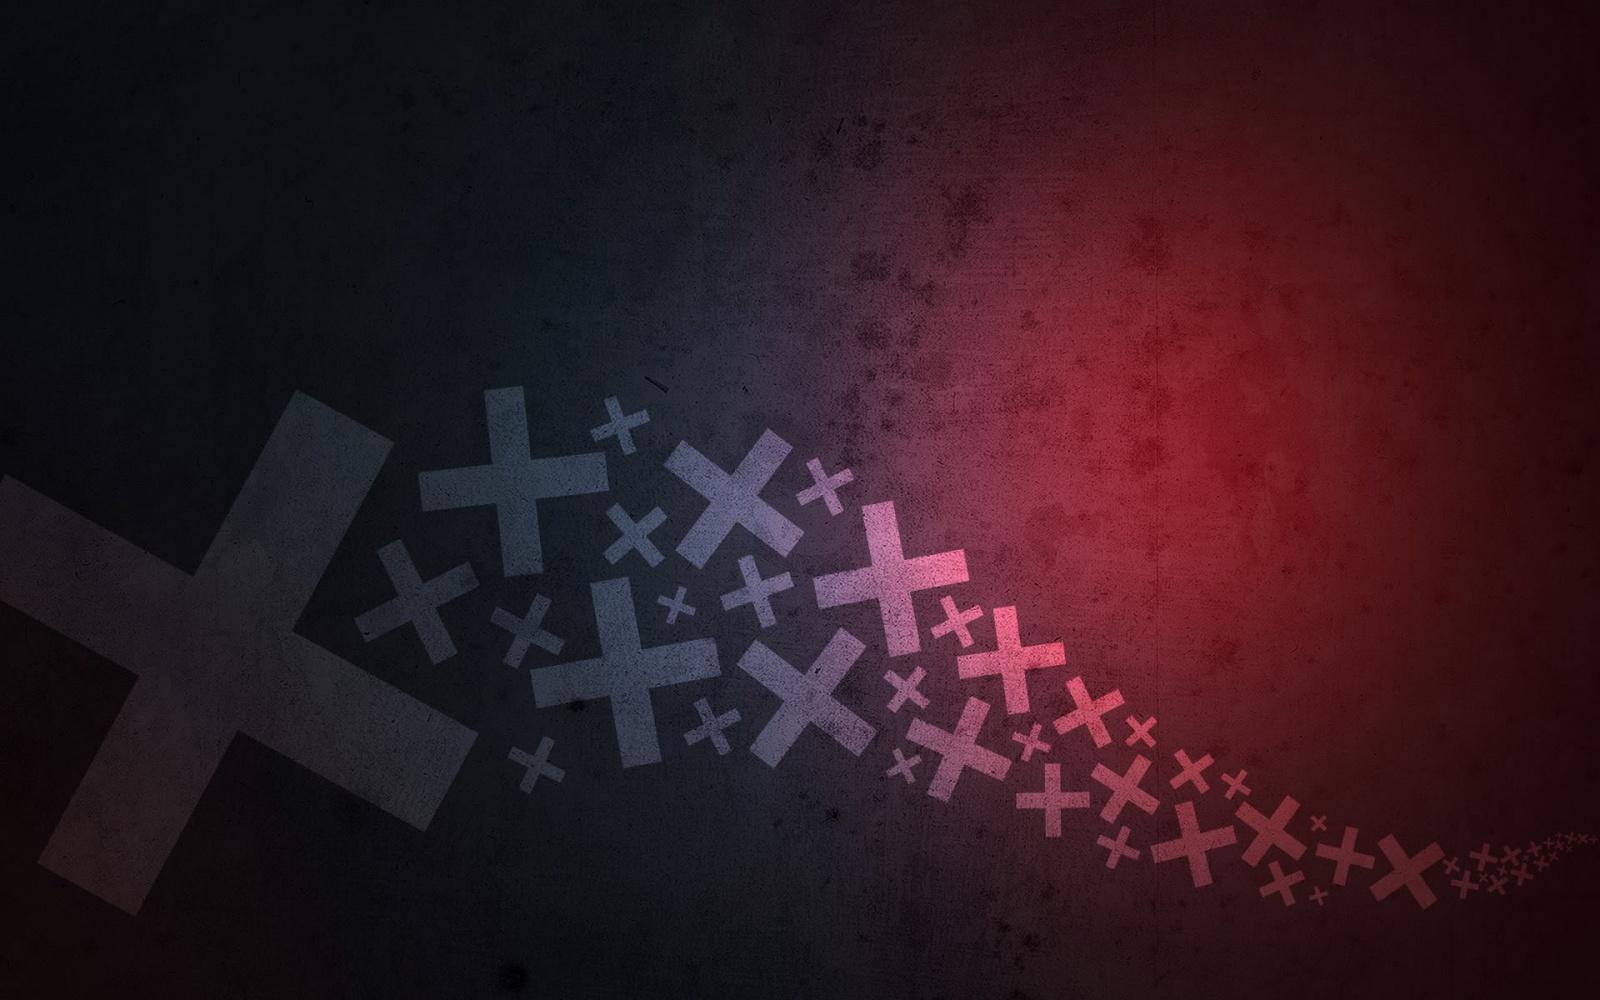 http://4.bp.blogspot.com/-trm51Jkvpzc/TxShax72qxI/AAAAAAAAAxs/q0jkNw6gtLU/s1600/ws_Abstract_Math_Art_1600x1200.jpg